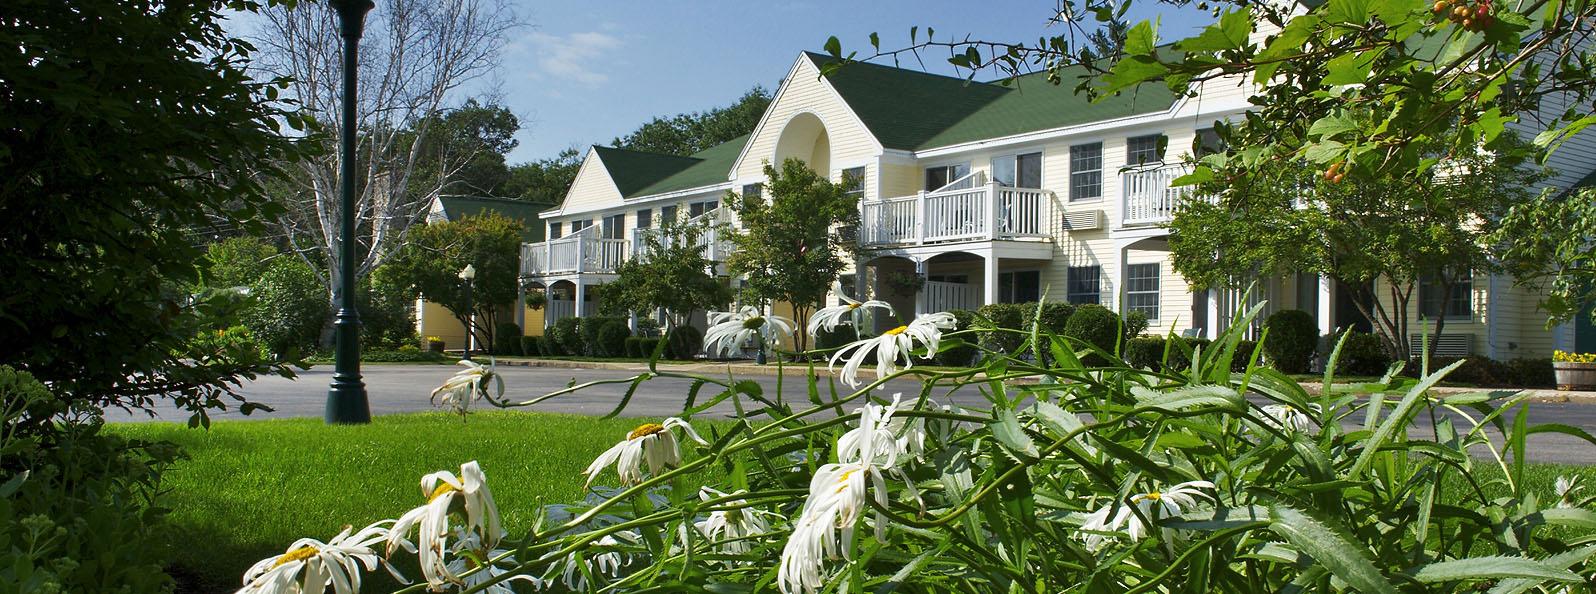 The Lodge At Jackson Village Nh Lodging Near Storyland